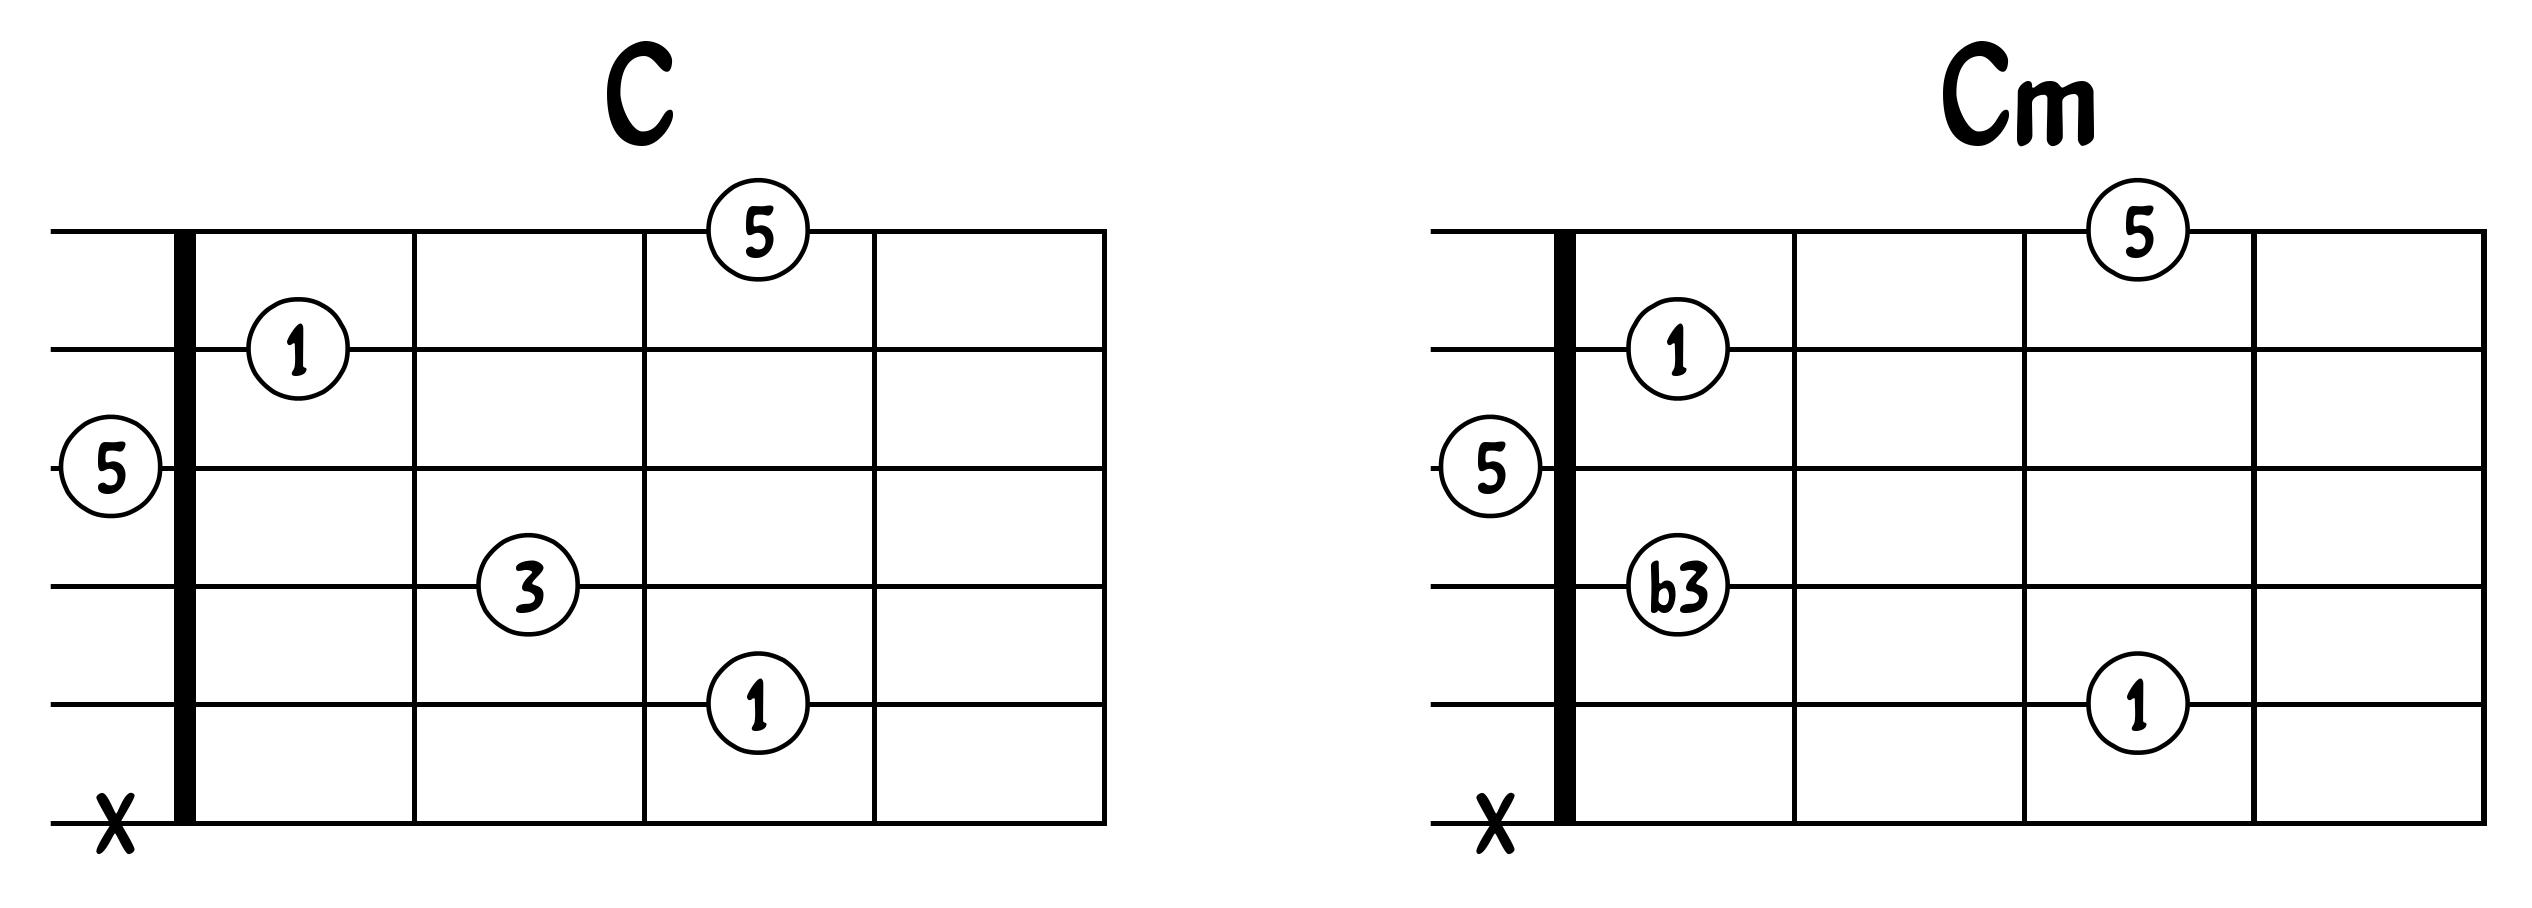 Comparaison C et Cm 2